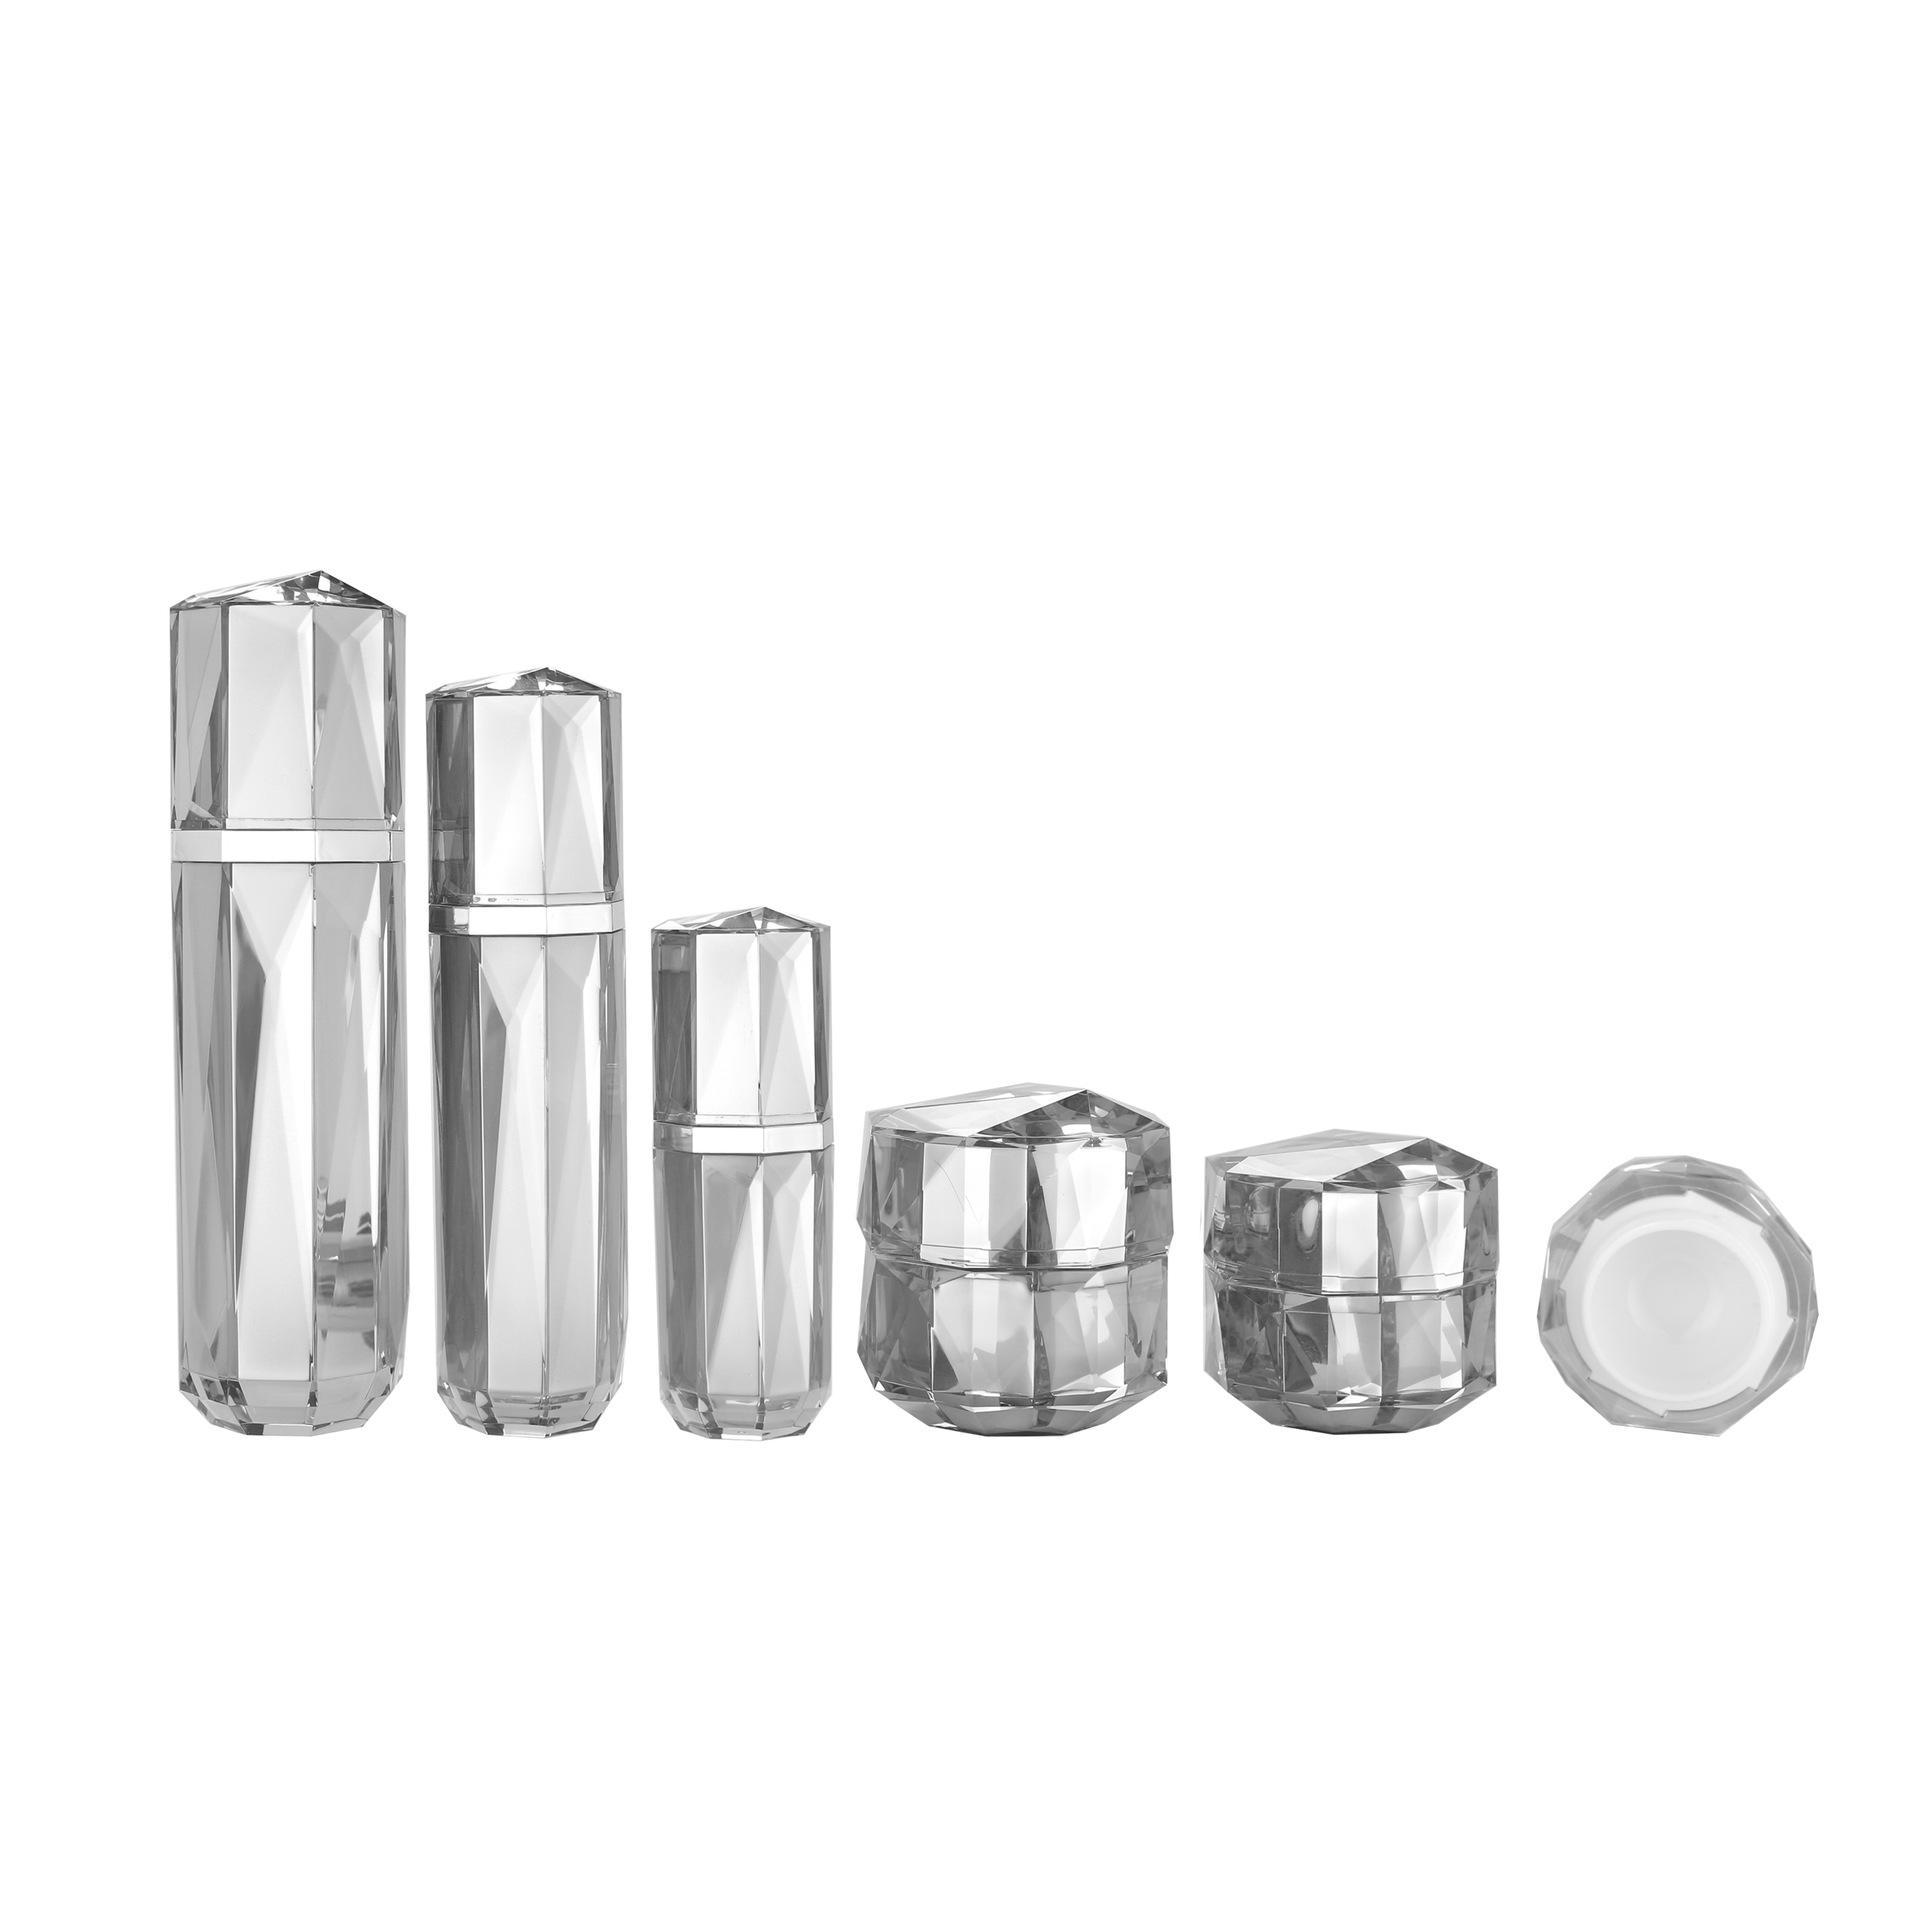 Face Cream Bouteilles Diamant Formes acryliques Soins de la peau Atomizer Contenants Conteneurs Silver Lotion haut de g devection Matériaux d'emballage cosmétique Logo Personnalisable